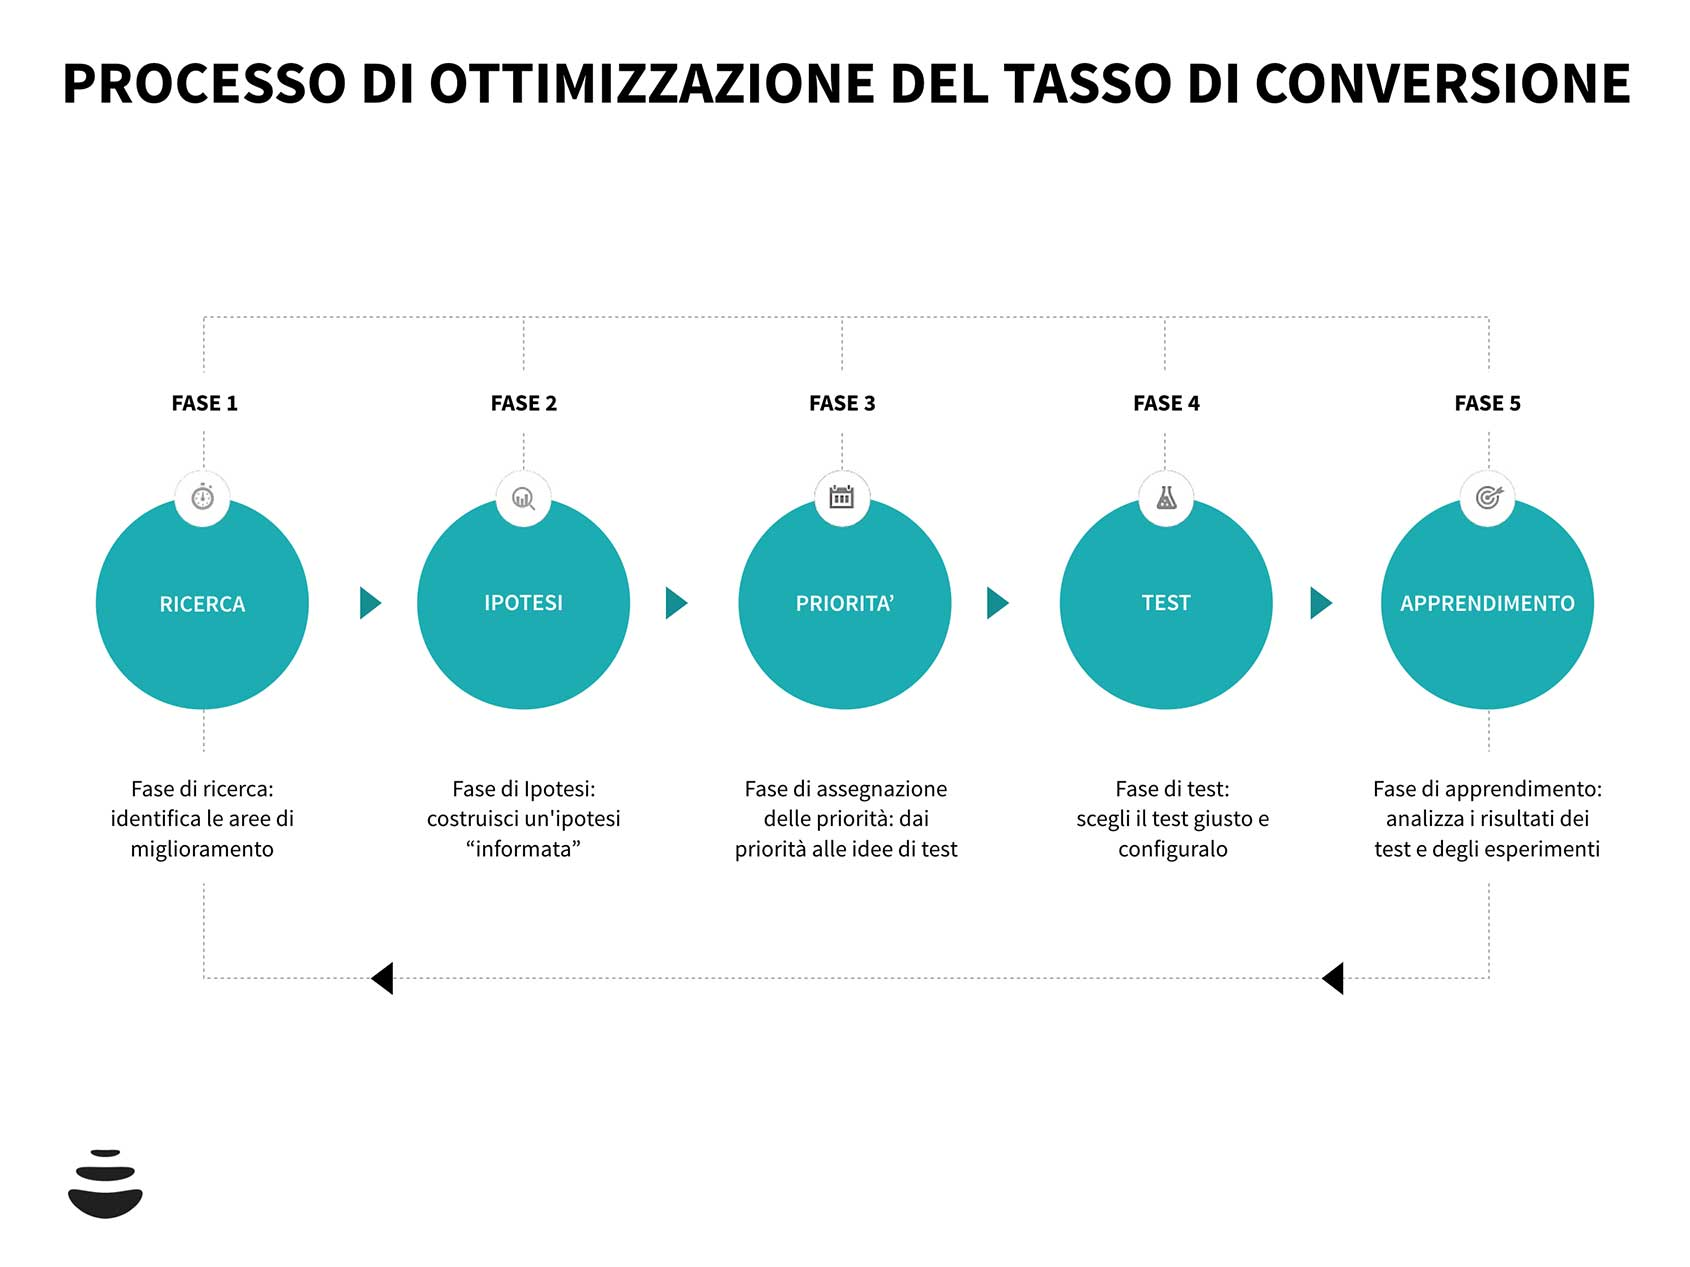 processo-ottimizzazione-tasso-di-conversione-conversion-marketing-advmedialab